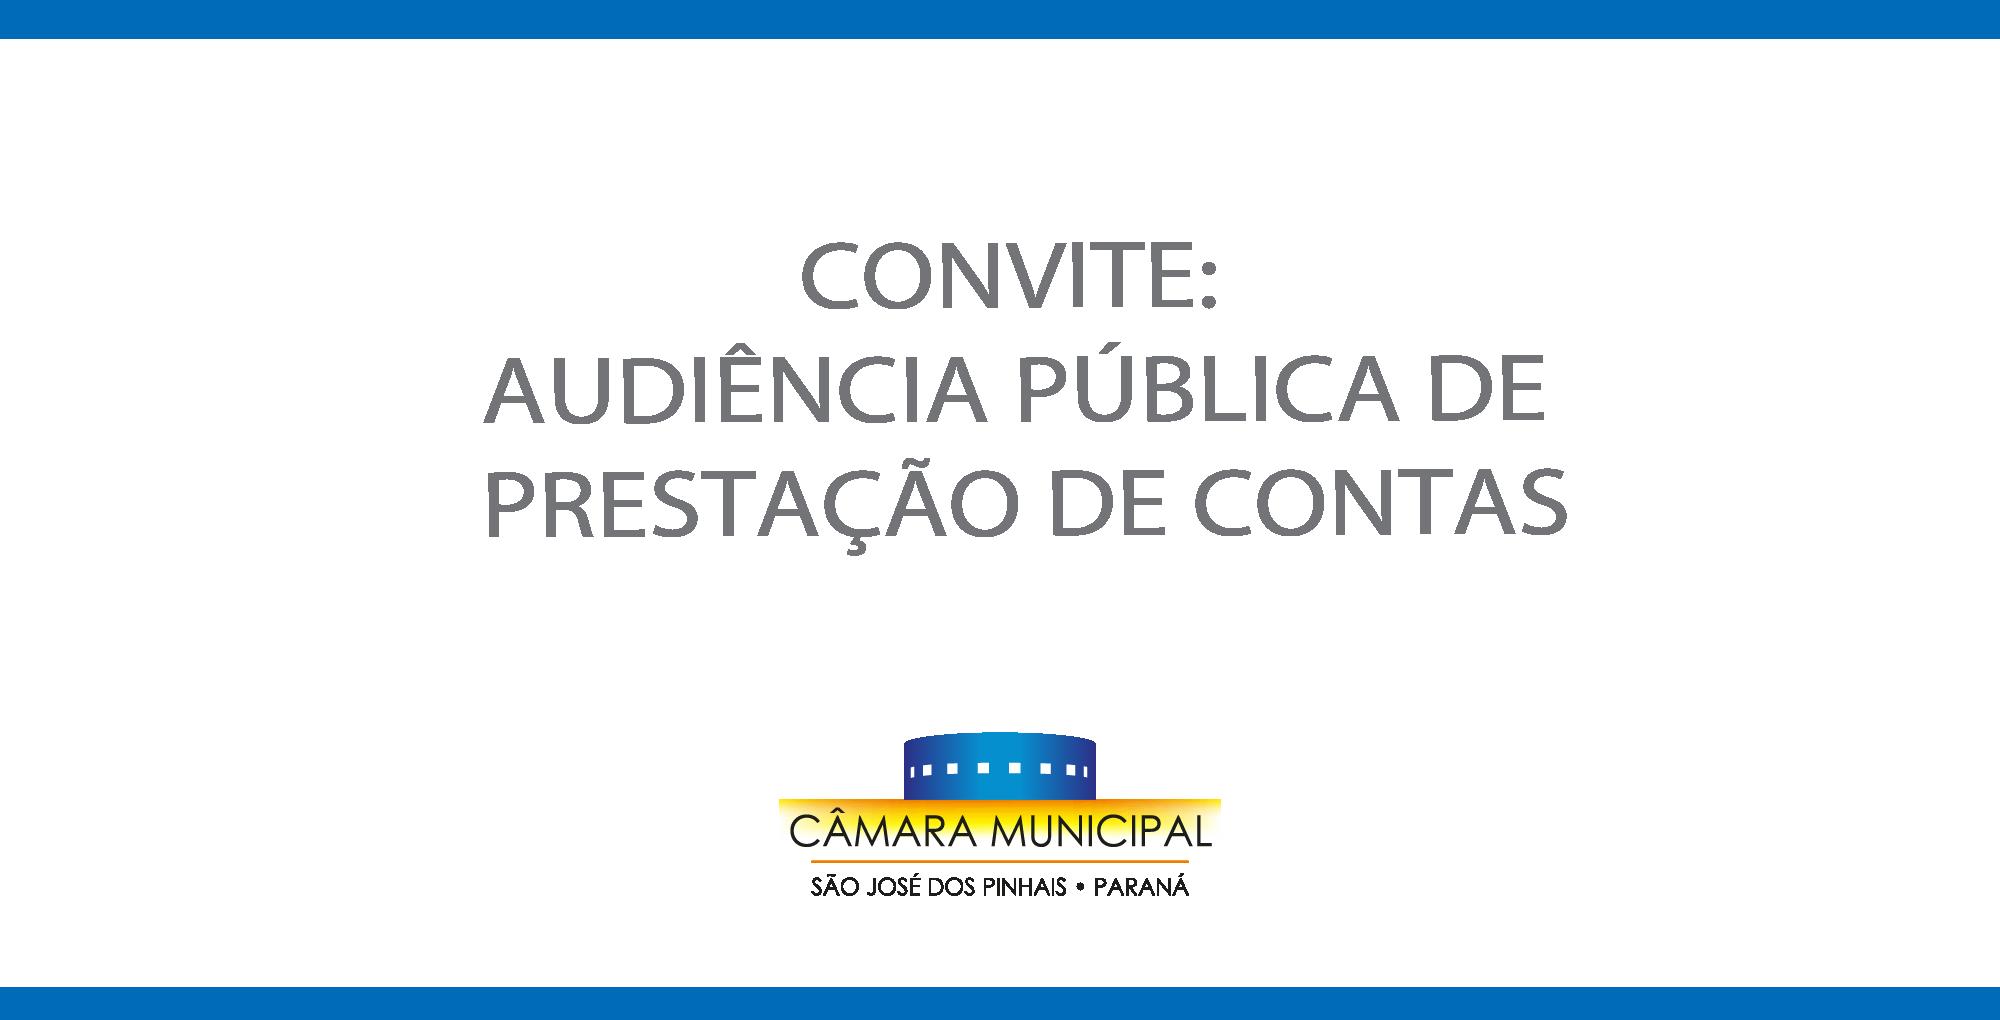 Convite: Audiência Pública de prestação de contas – 3º quadrimestre de 2020